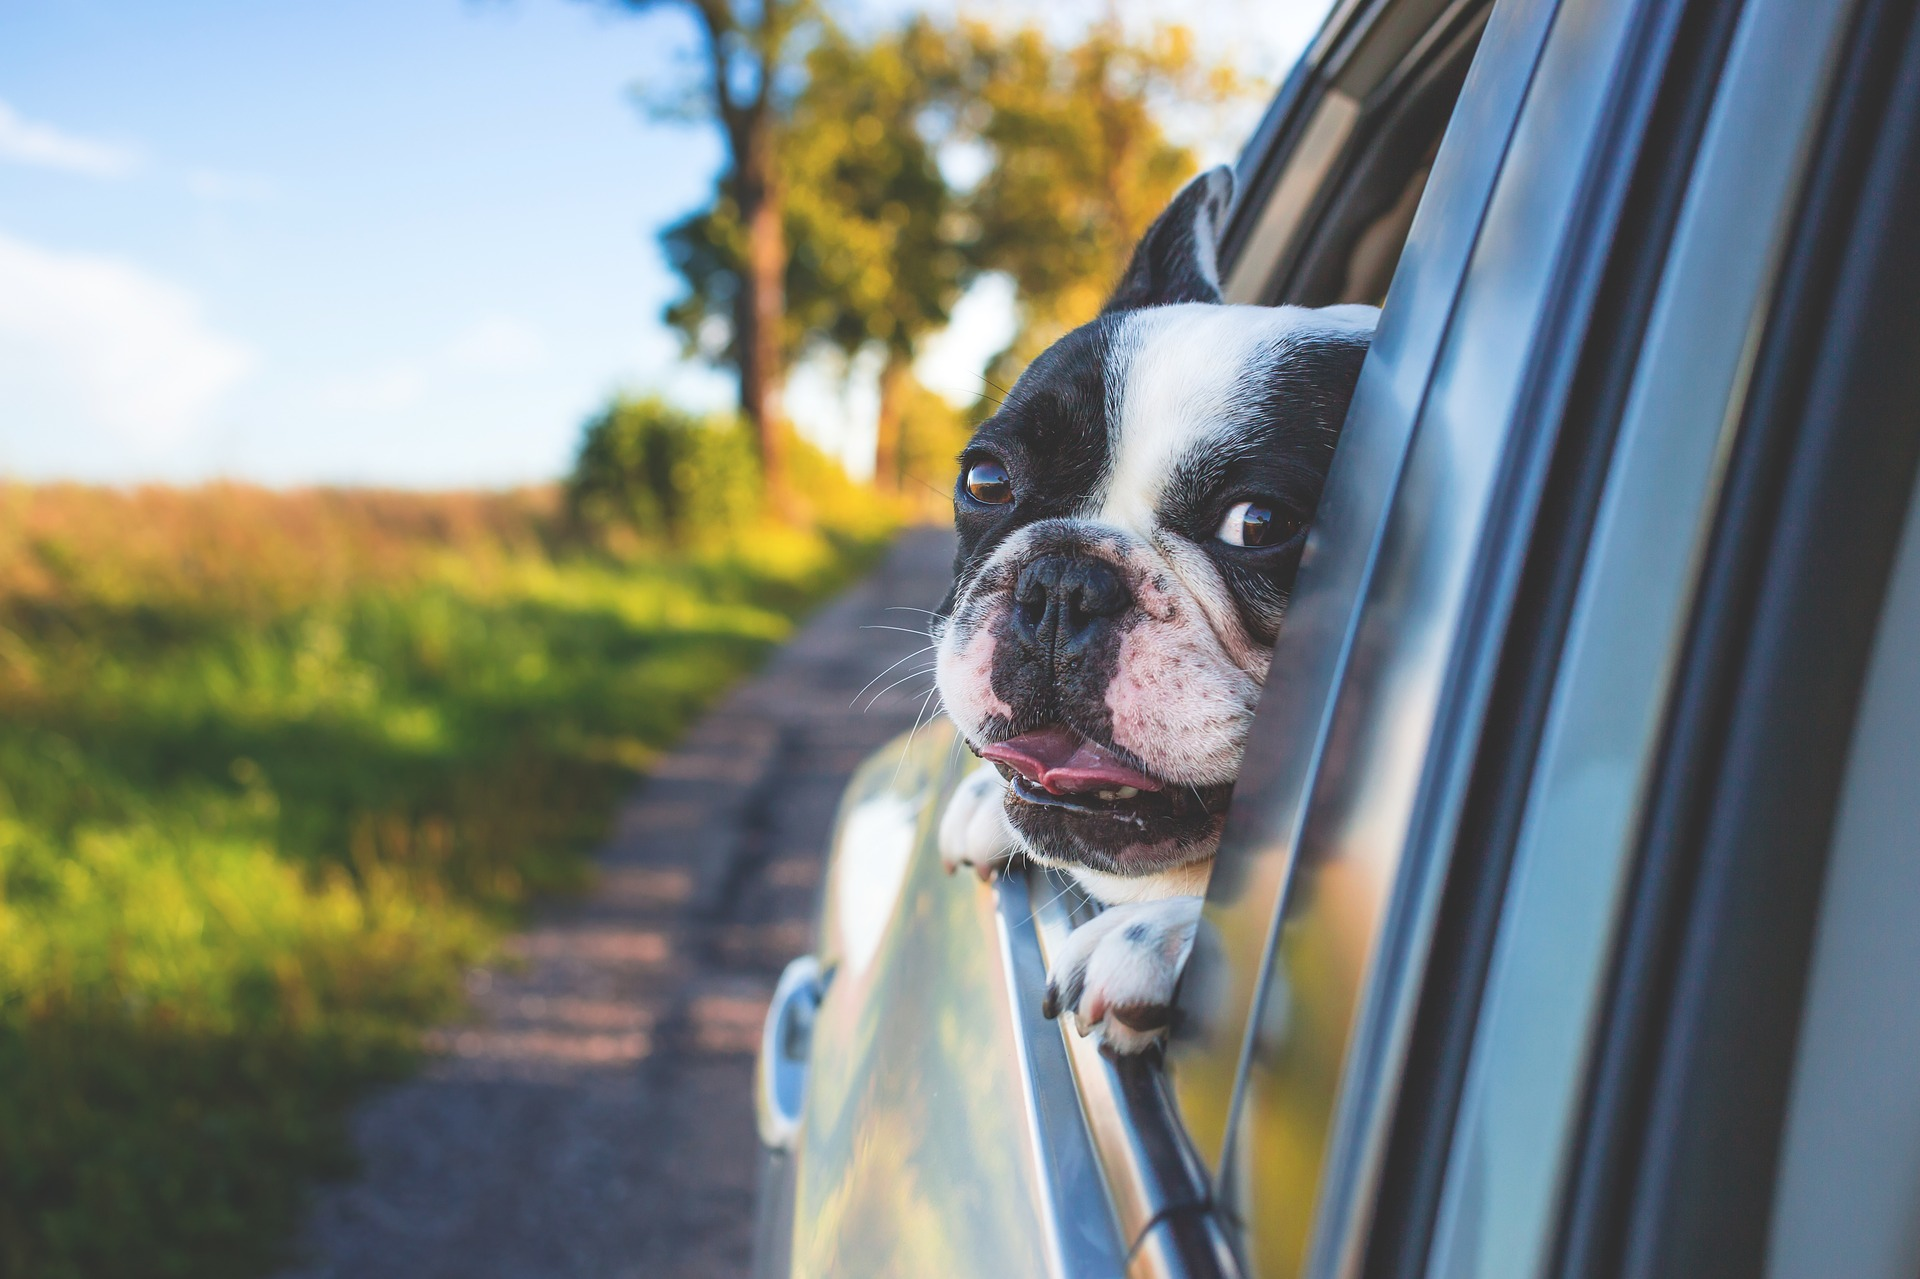 走行中の車の窓から顔を出しているペットのフレンチブルドッグ